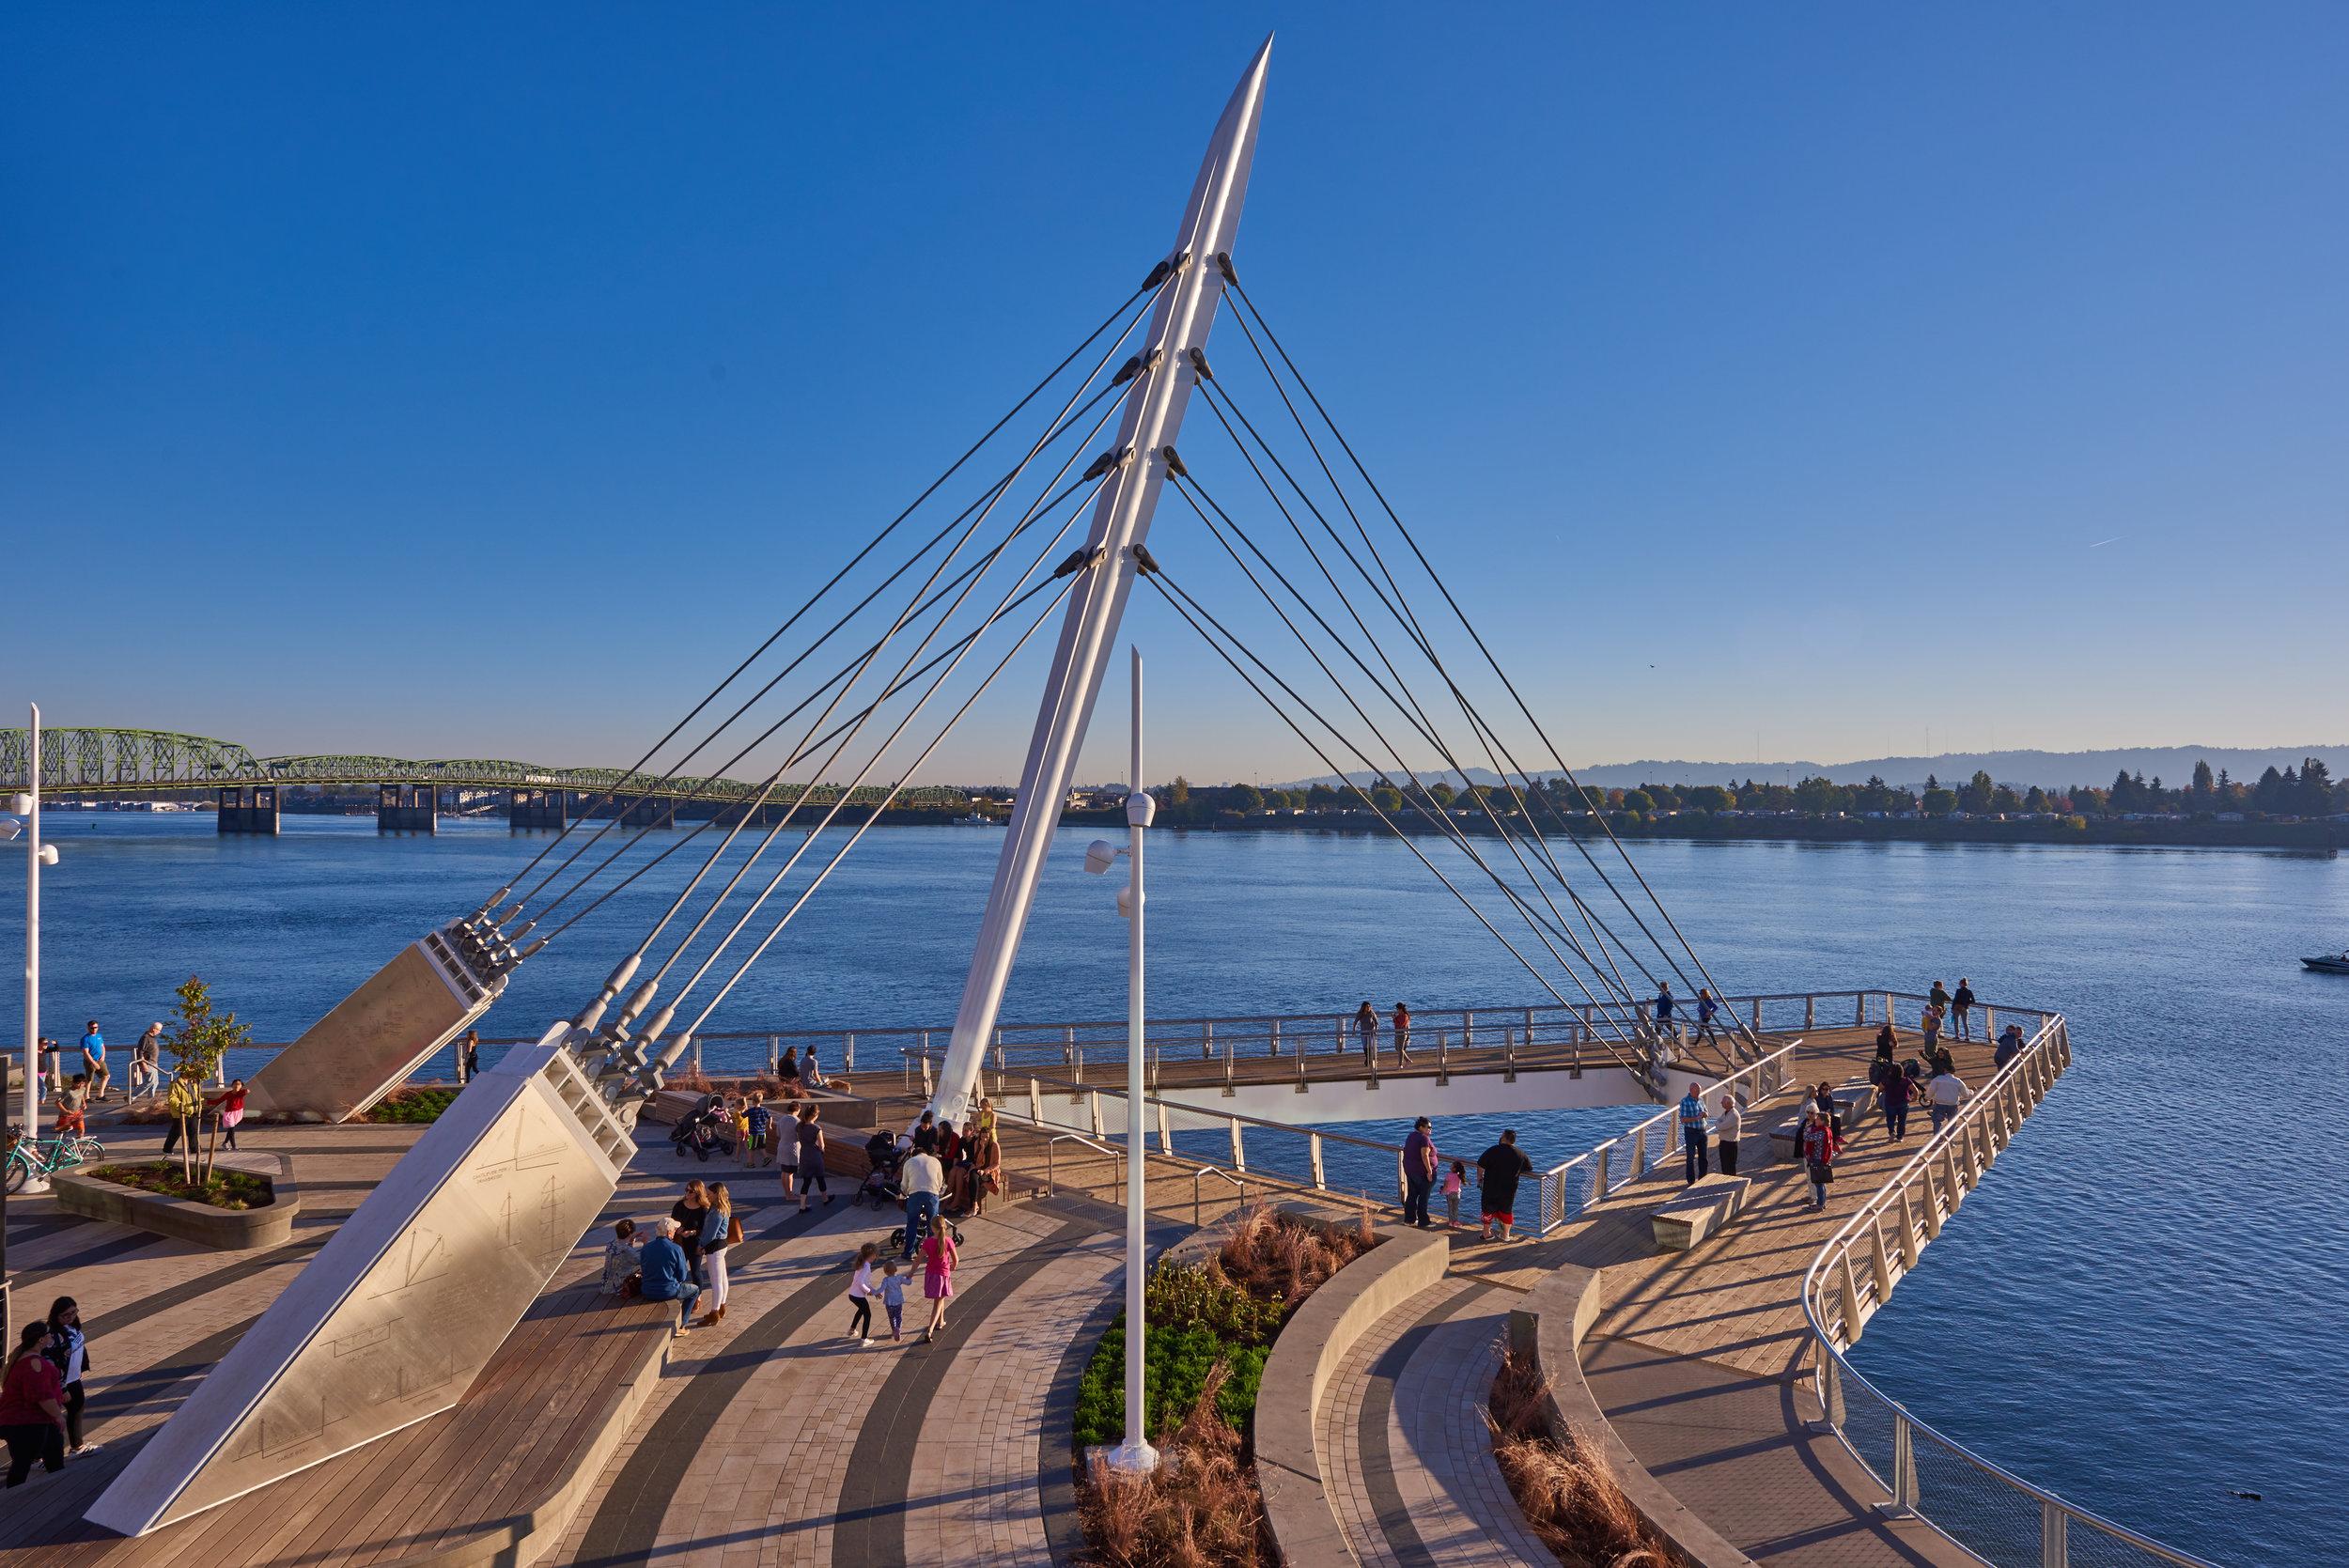 vancouver_waterfront park pier_larry kirkland_public art services_j grant projects_41.jpg